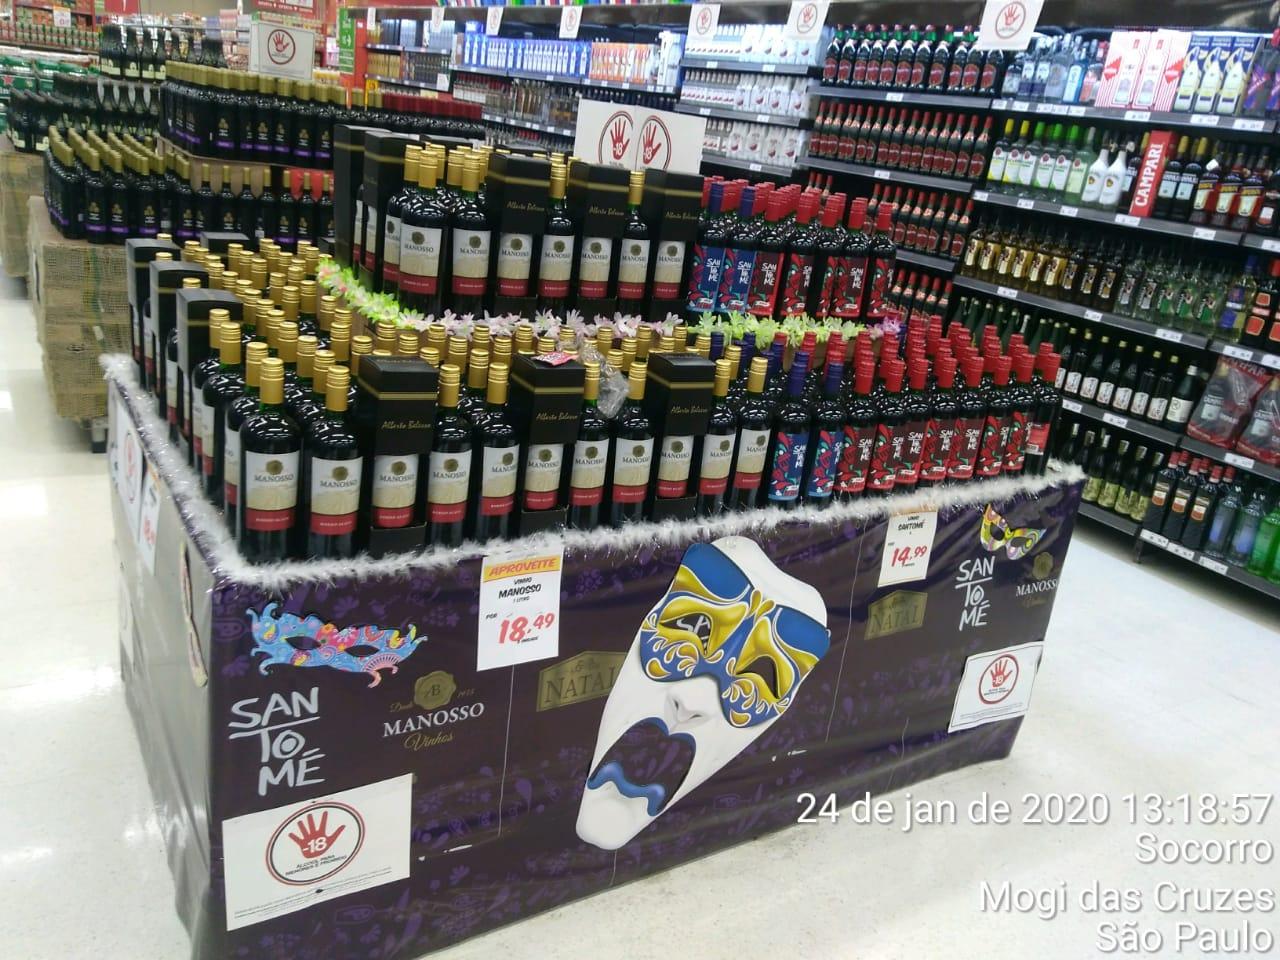 Vinhos Manosso